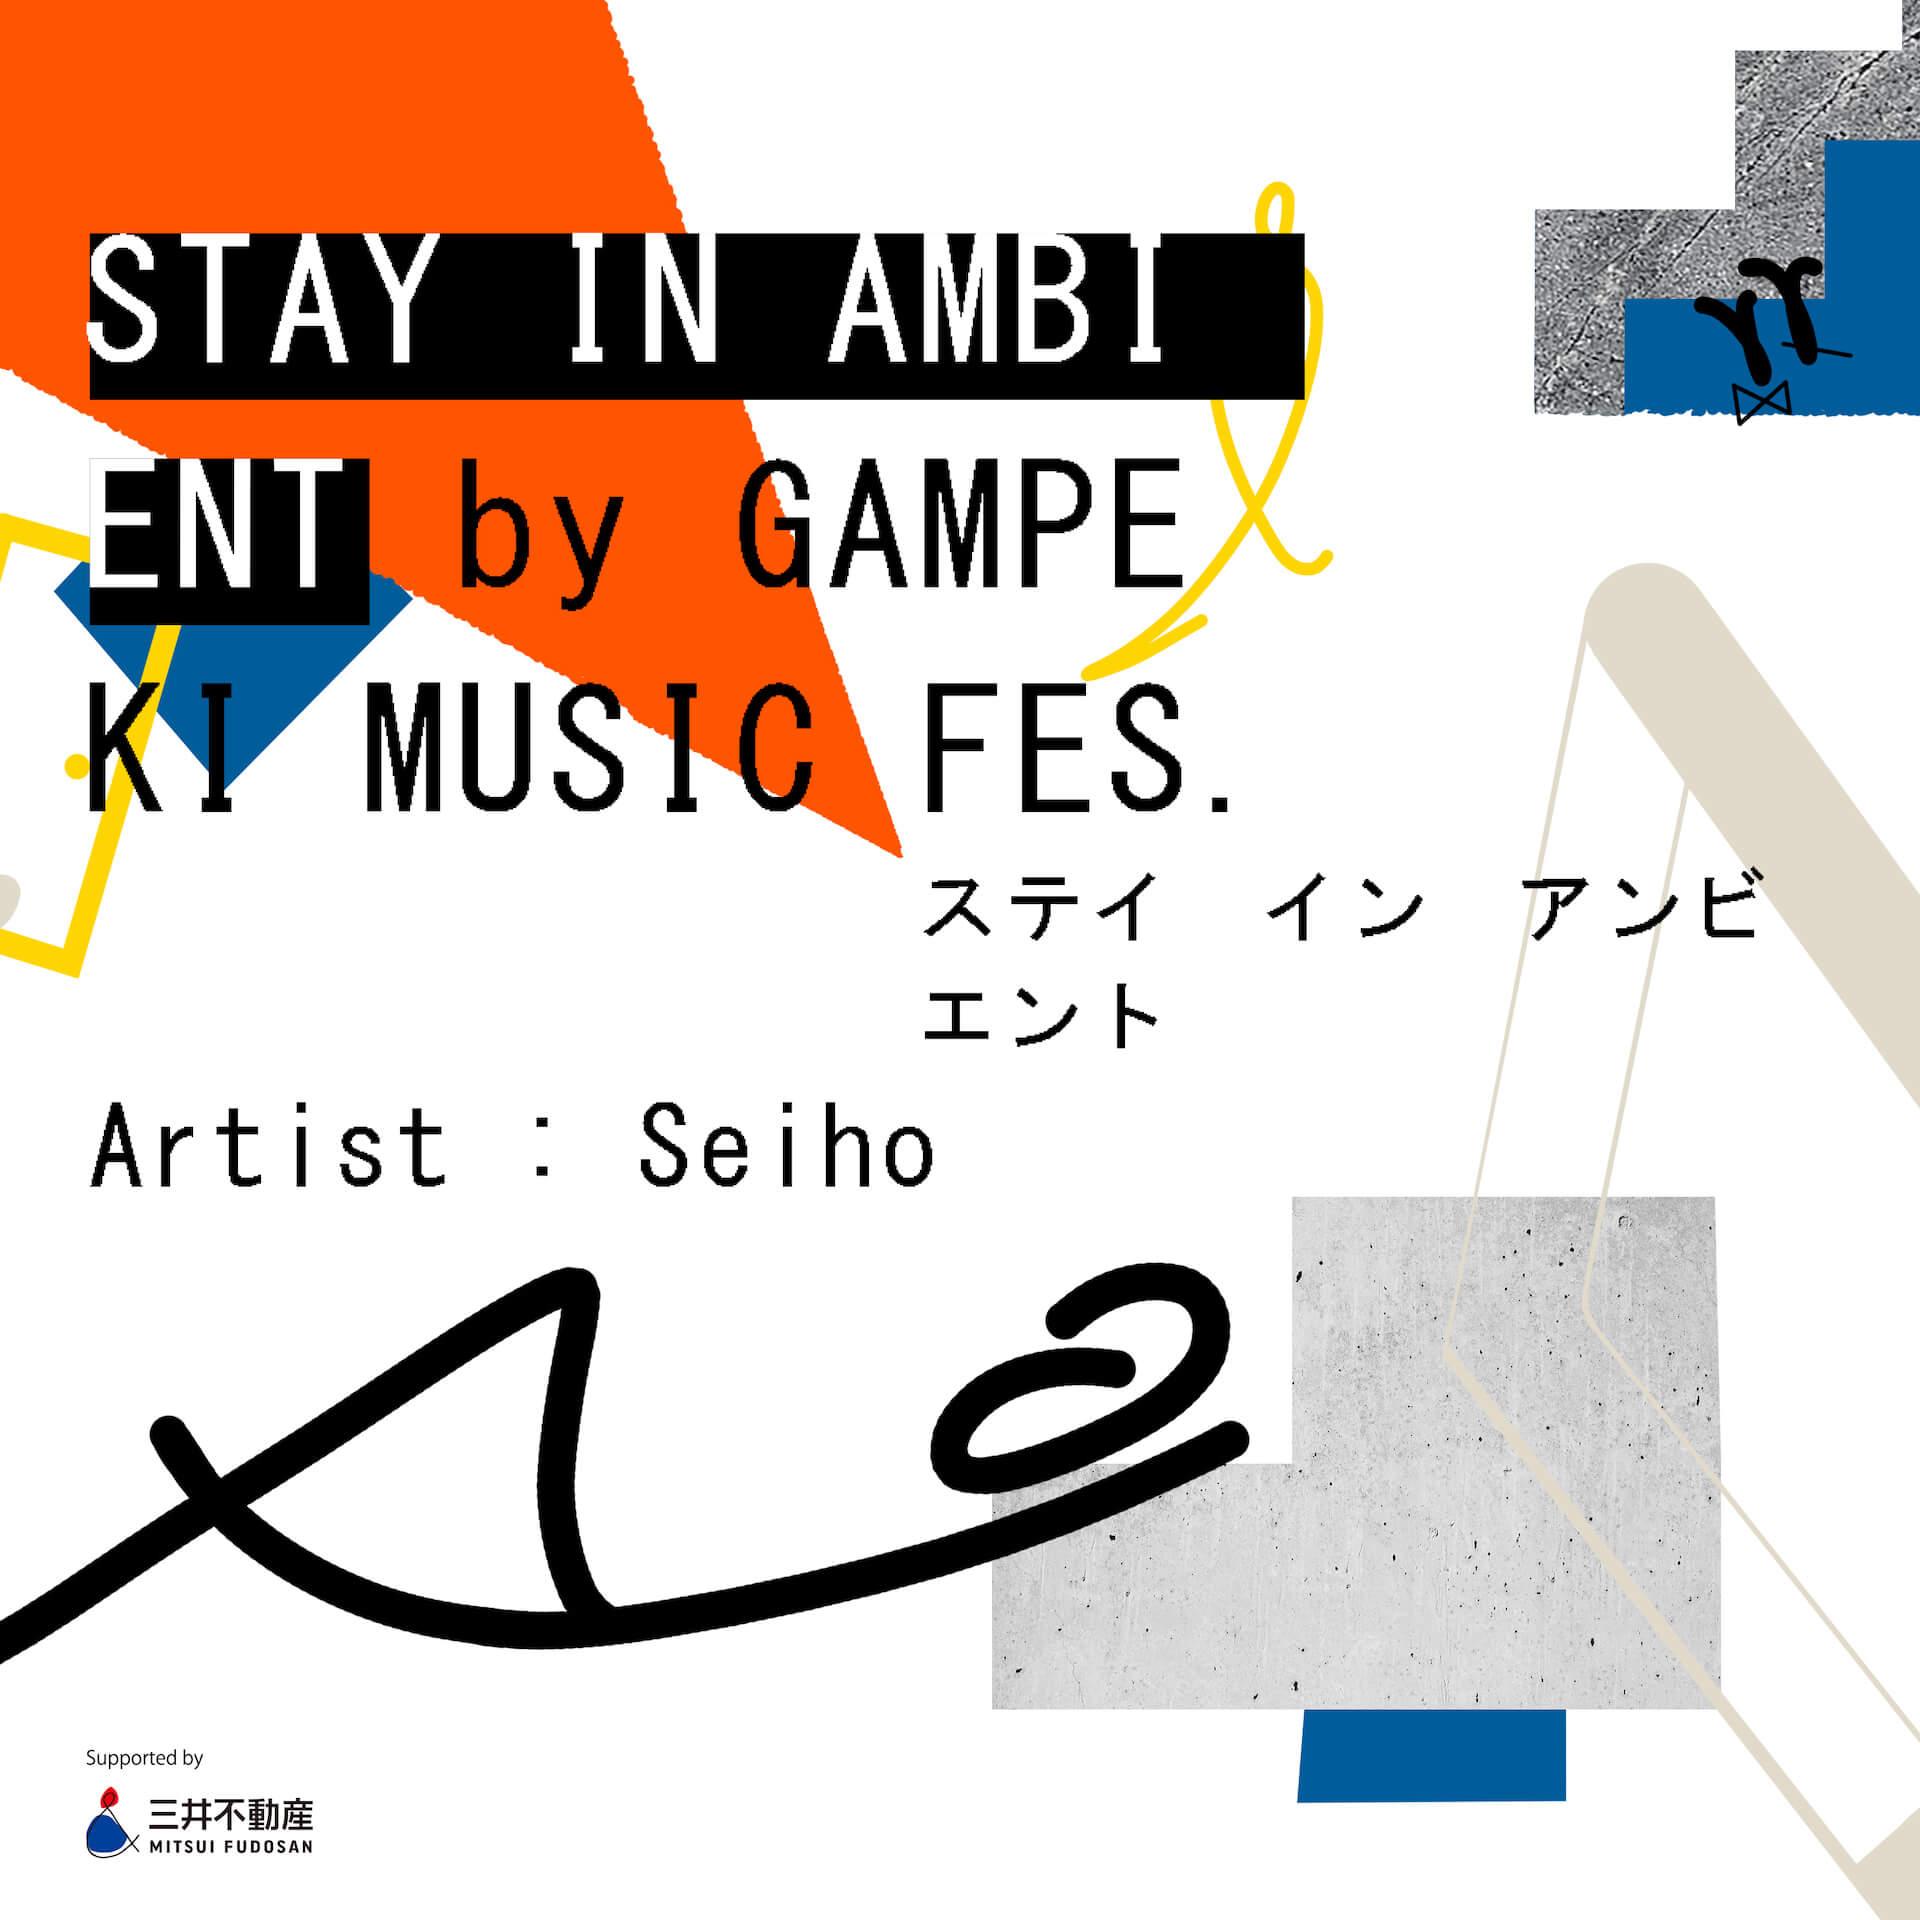 岩壁音楽祭による宿泊型アンビエントライブイベント<STAY IN AMBIENT>が開催!Seihoによる限定ライブも music210406_stayinambient_1